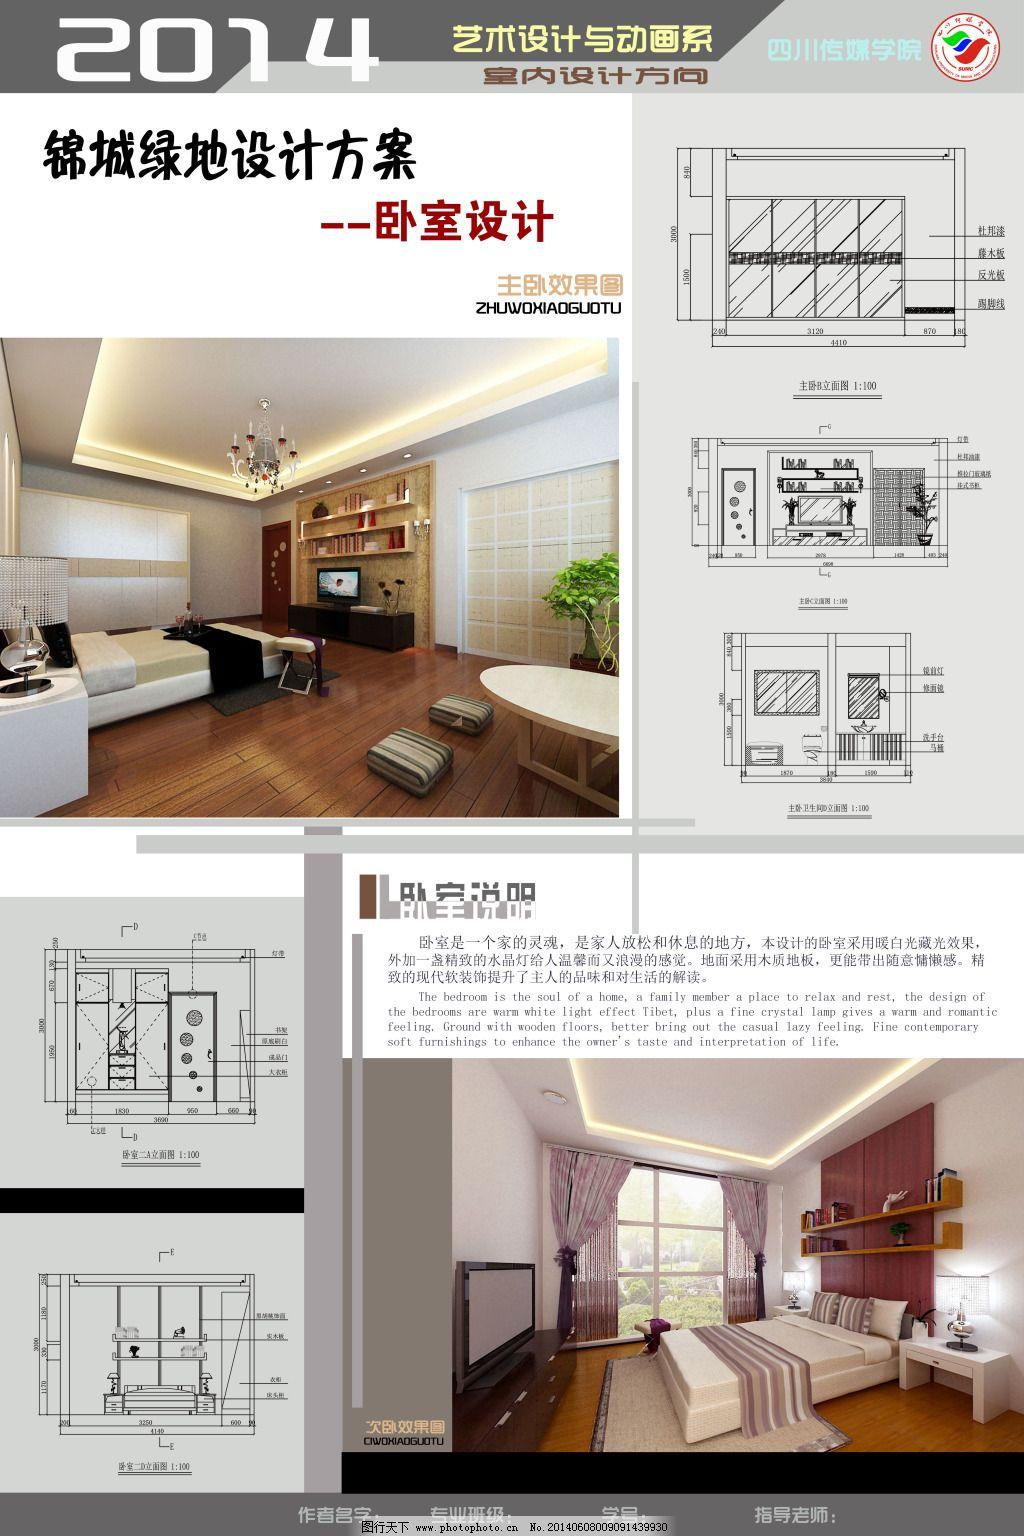 设计展板免费下载 设计 室内设计 图板 展板 展板 设计 室内设计 图板